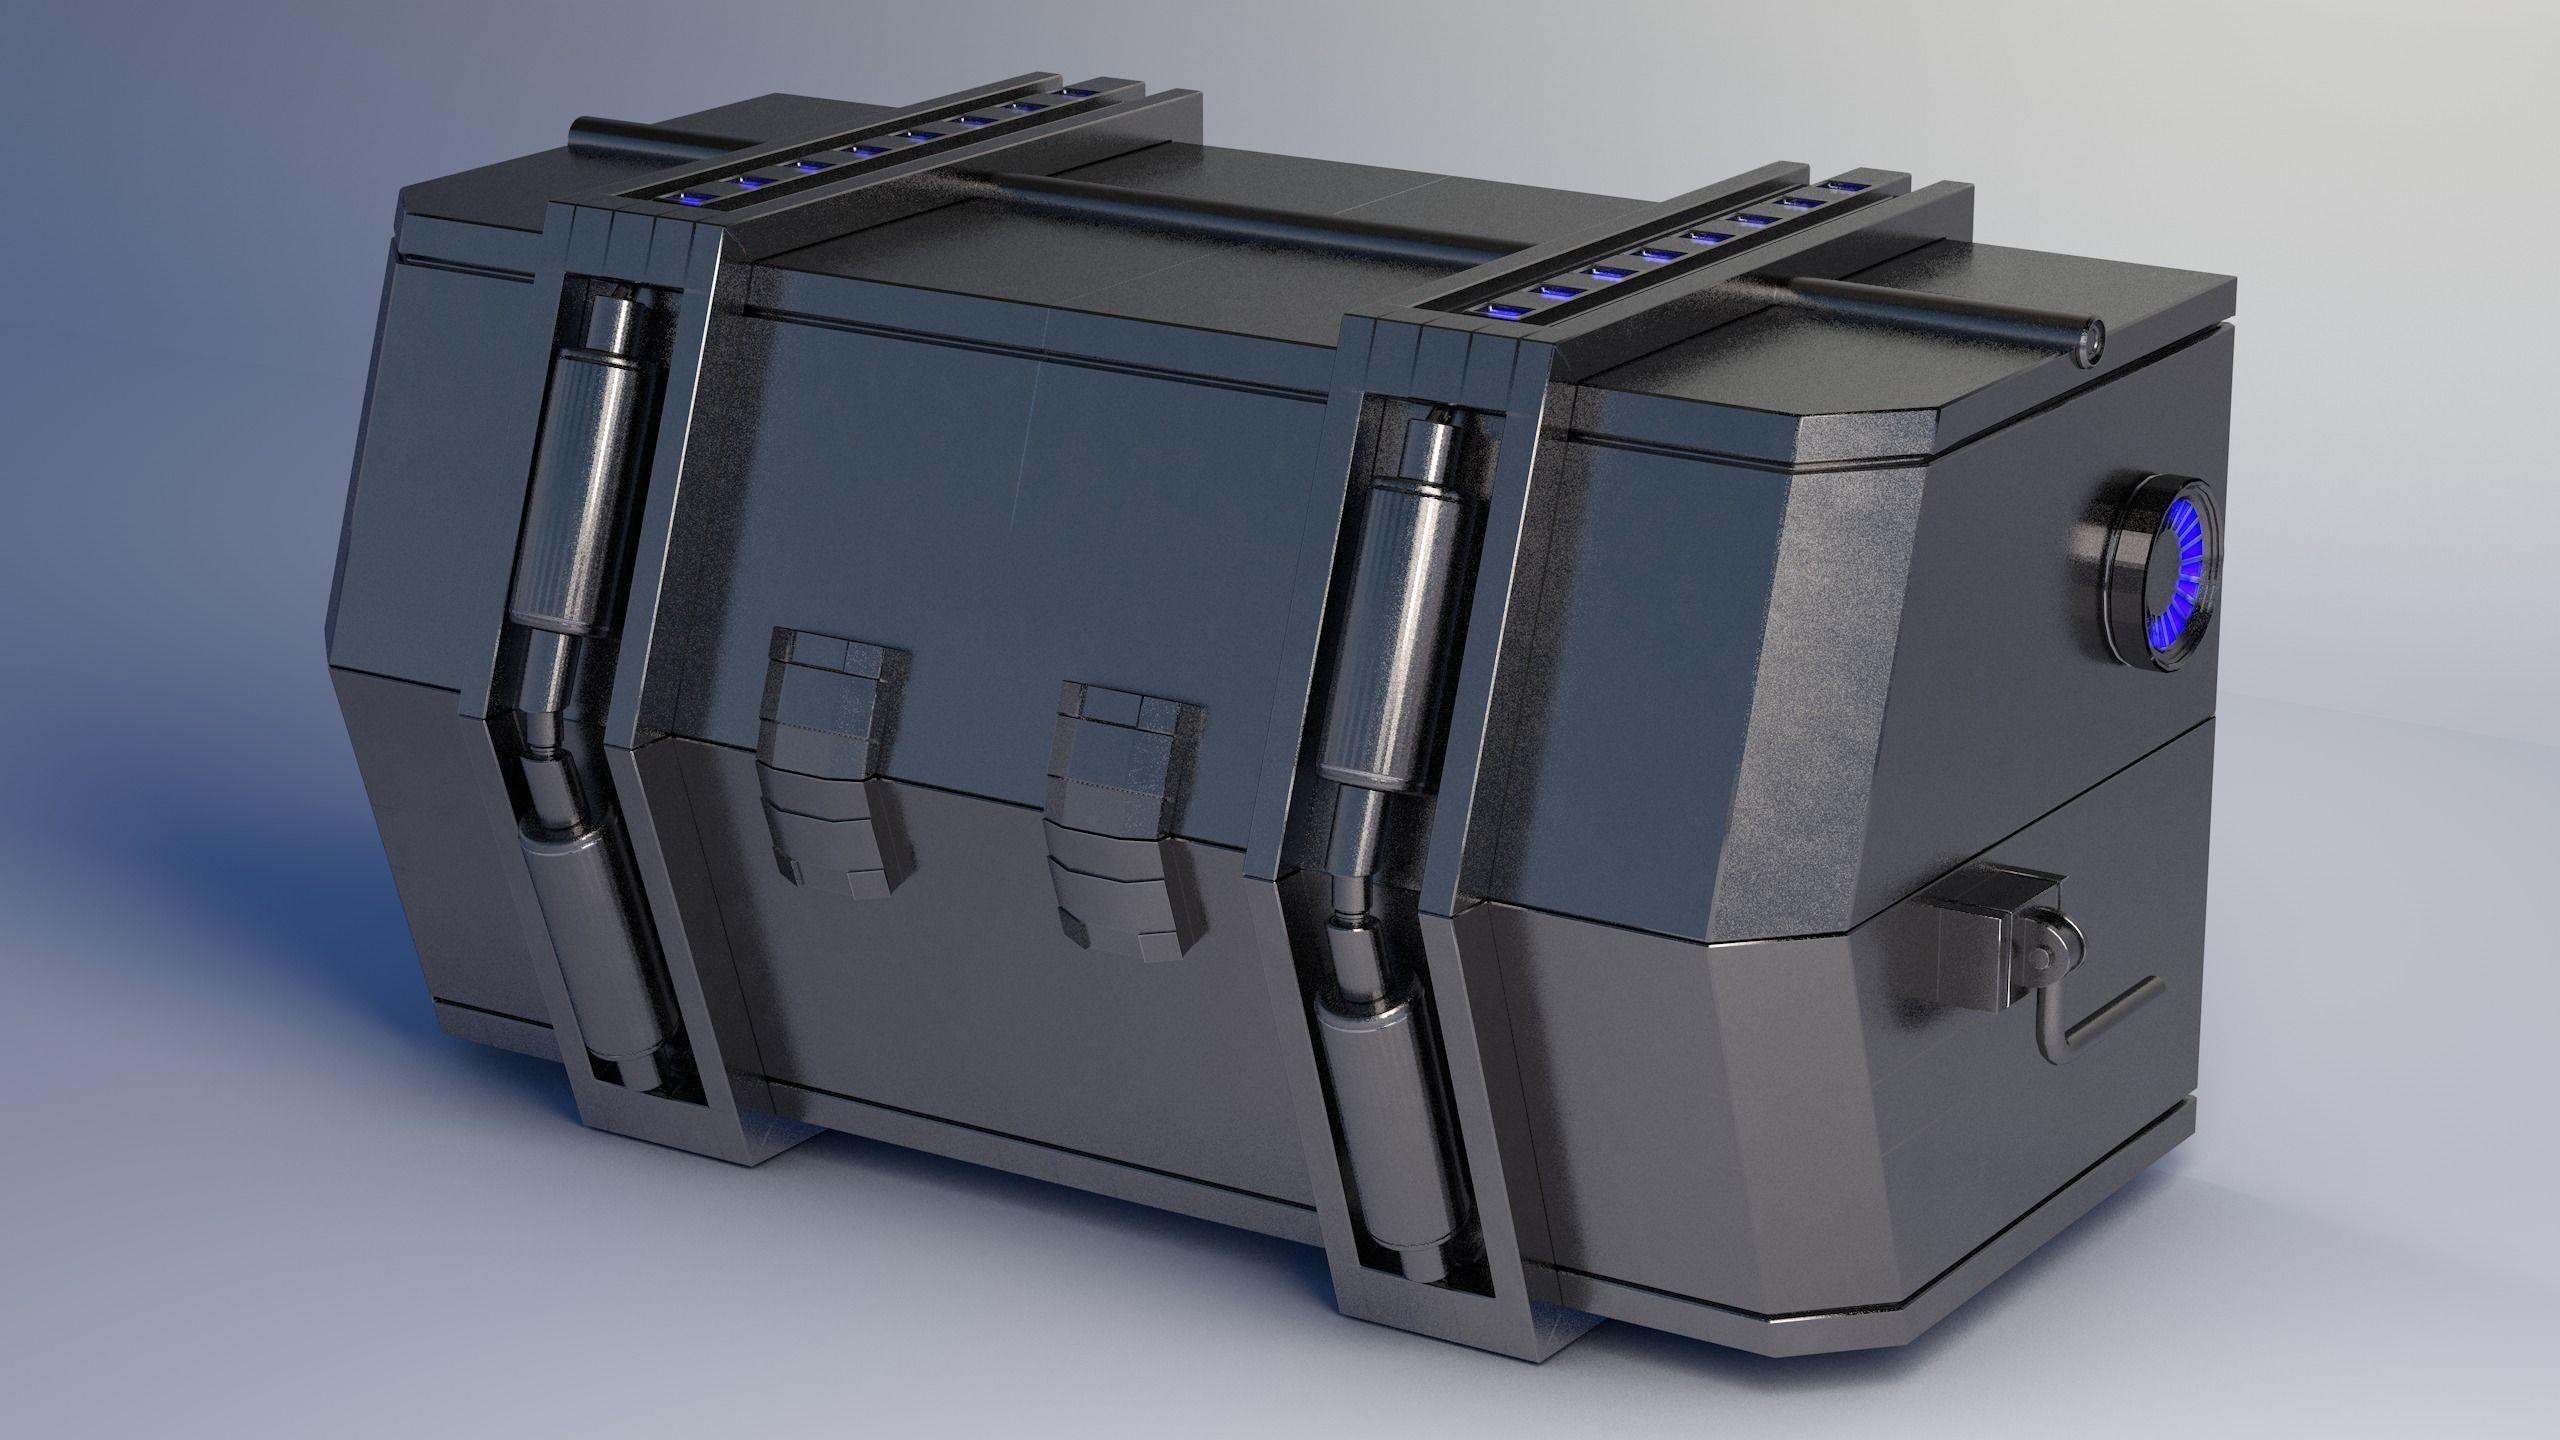 Crate SciFi - PBR Asset Low-poly 3D model